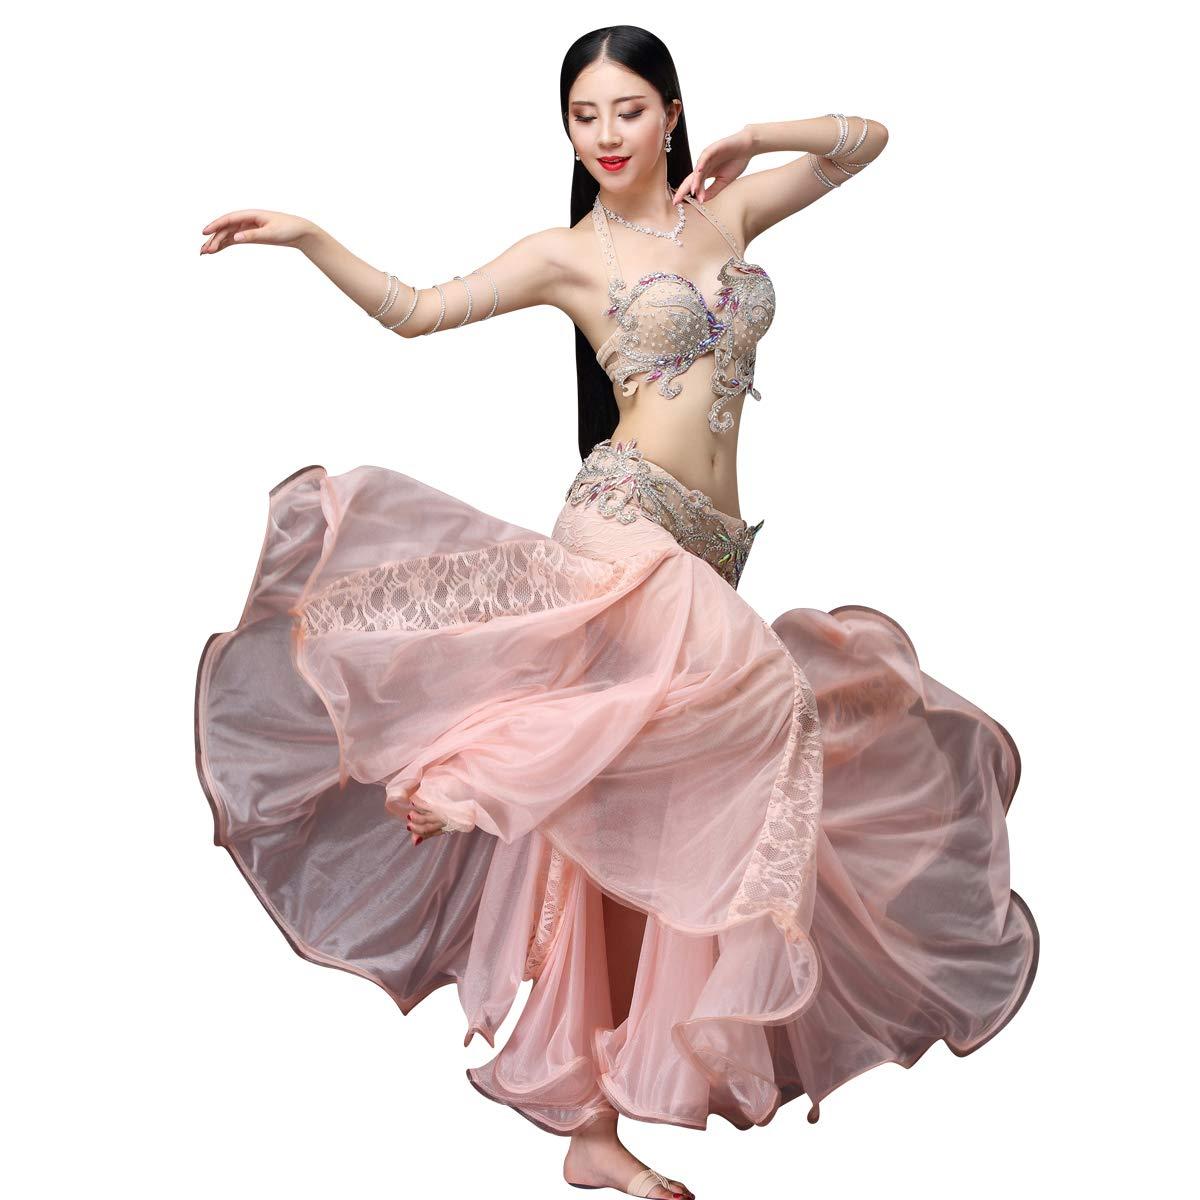 豪華なベリーダンス衣装セット 3点セットビーズ刺繍プロ仕様ダンス服 高級演出服 ブラ スカート ピンク Large